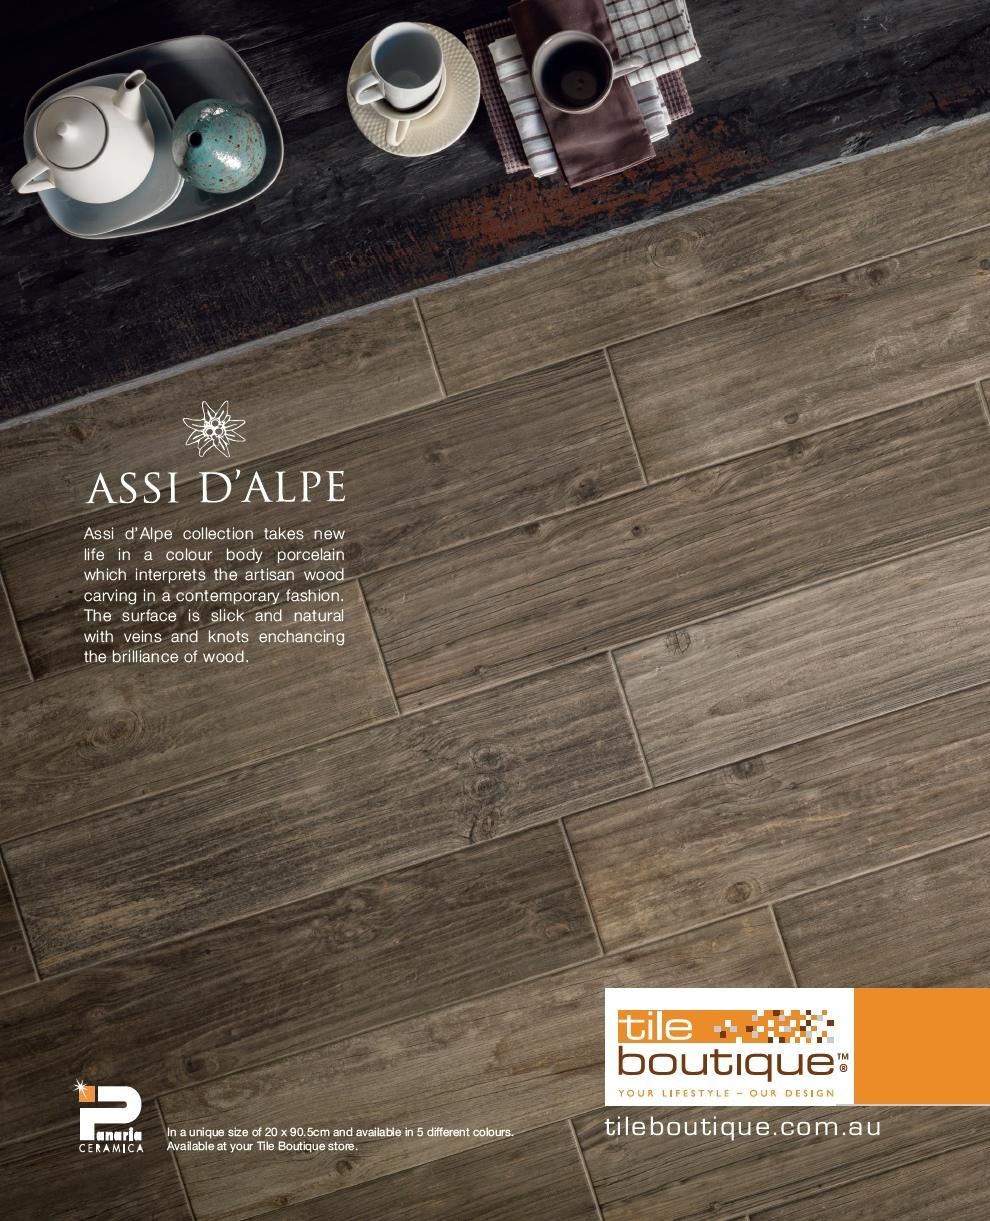 Tile Boutique Home Design Magazine Advert